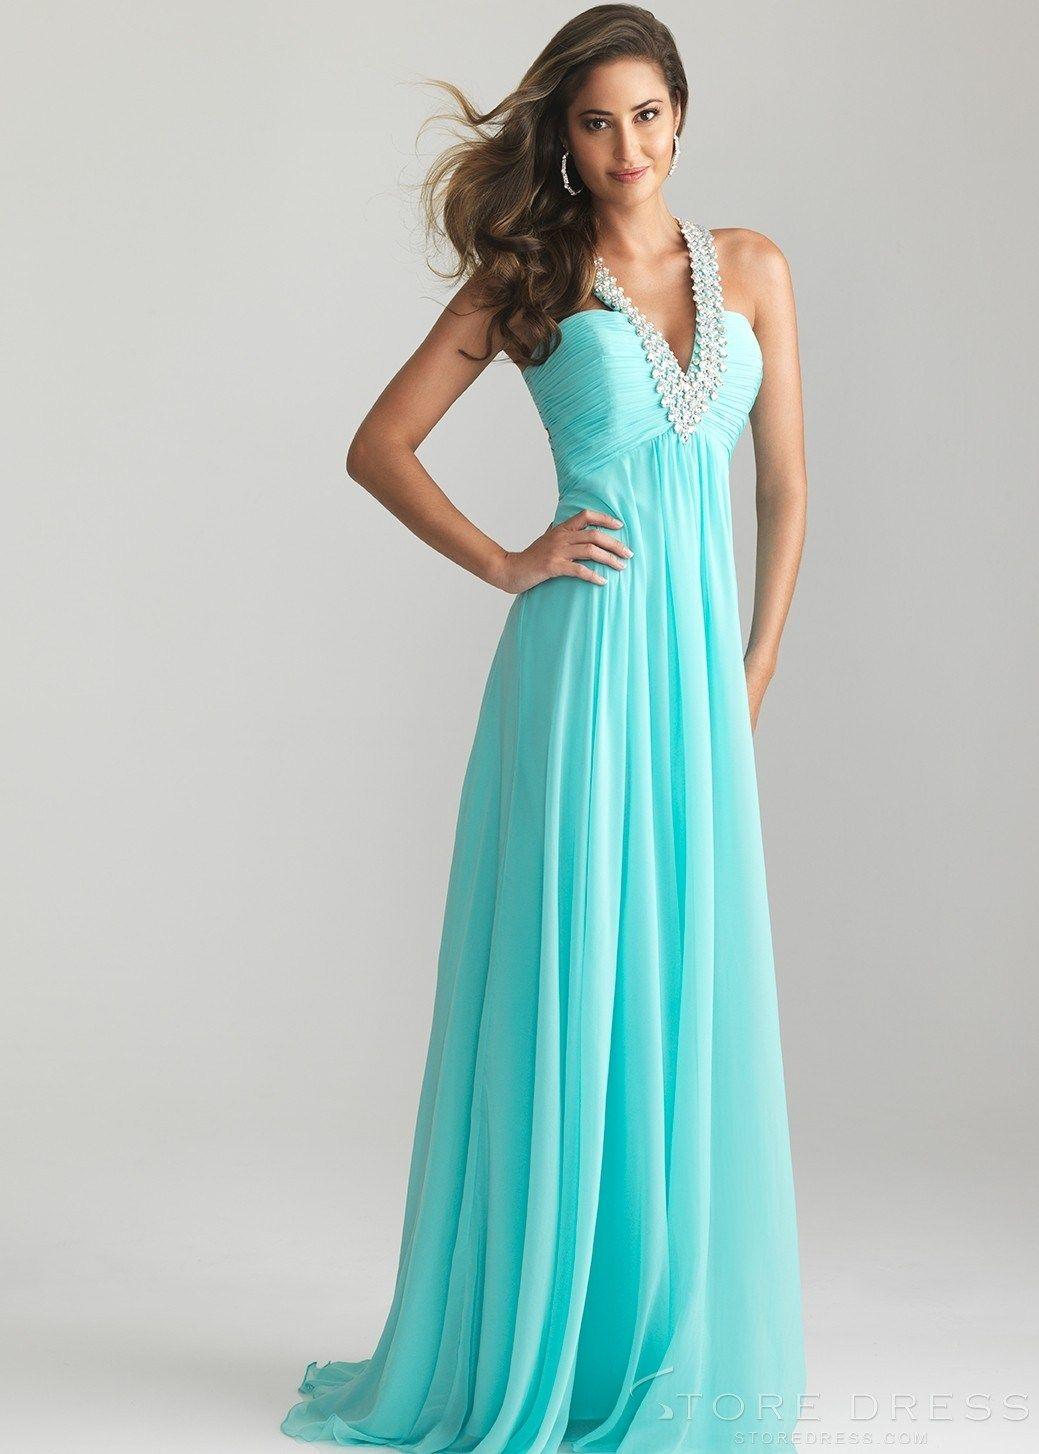 Cute Trumpet / Mermaid Bateau Beading Prom Dress 2014 at Storedress ...